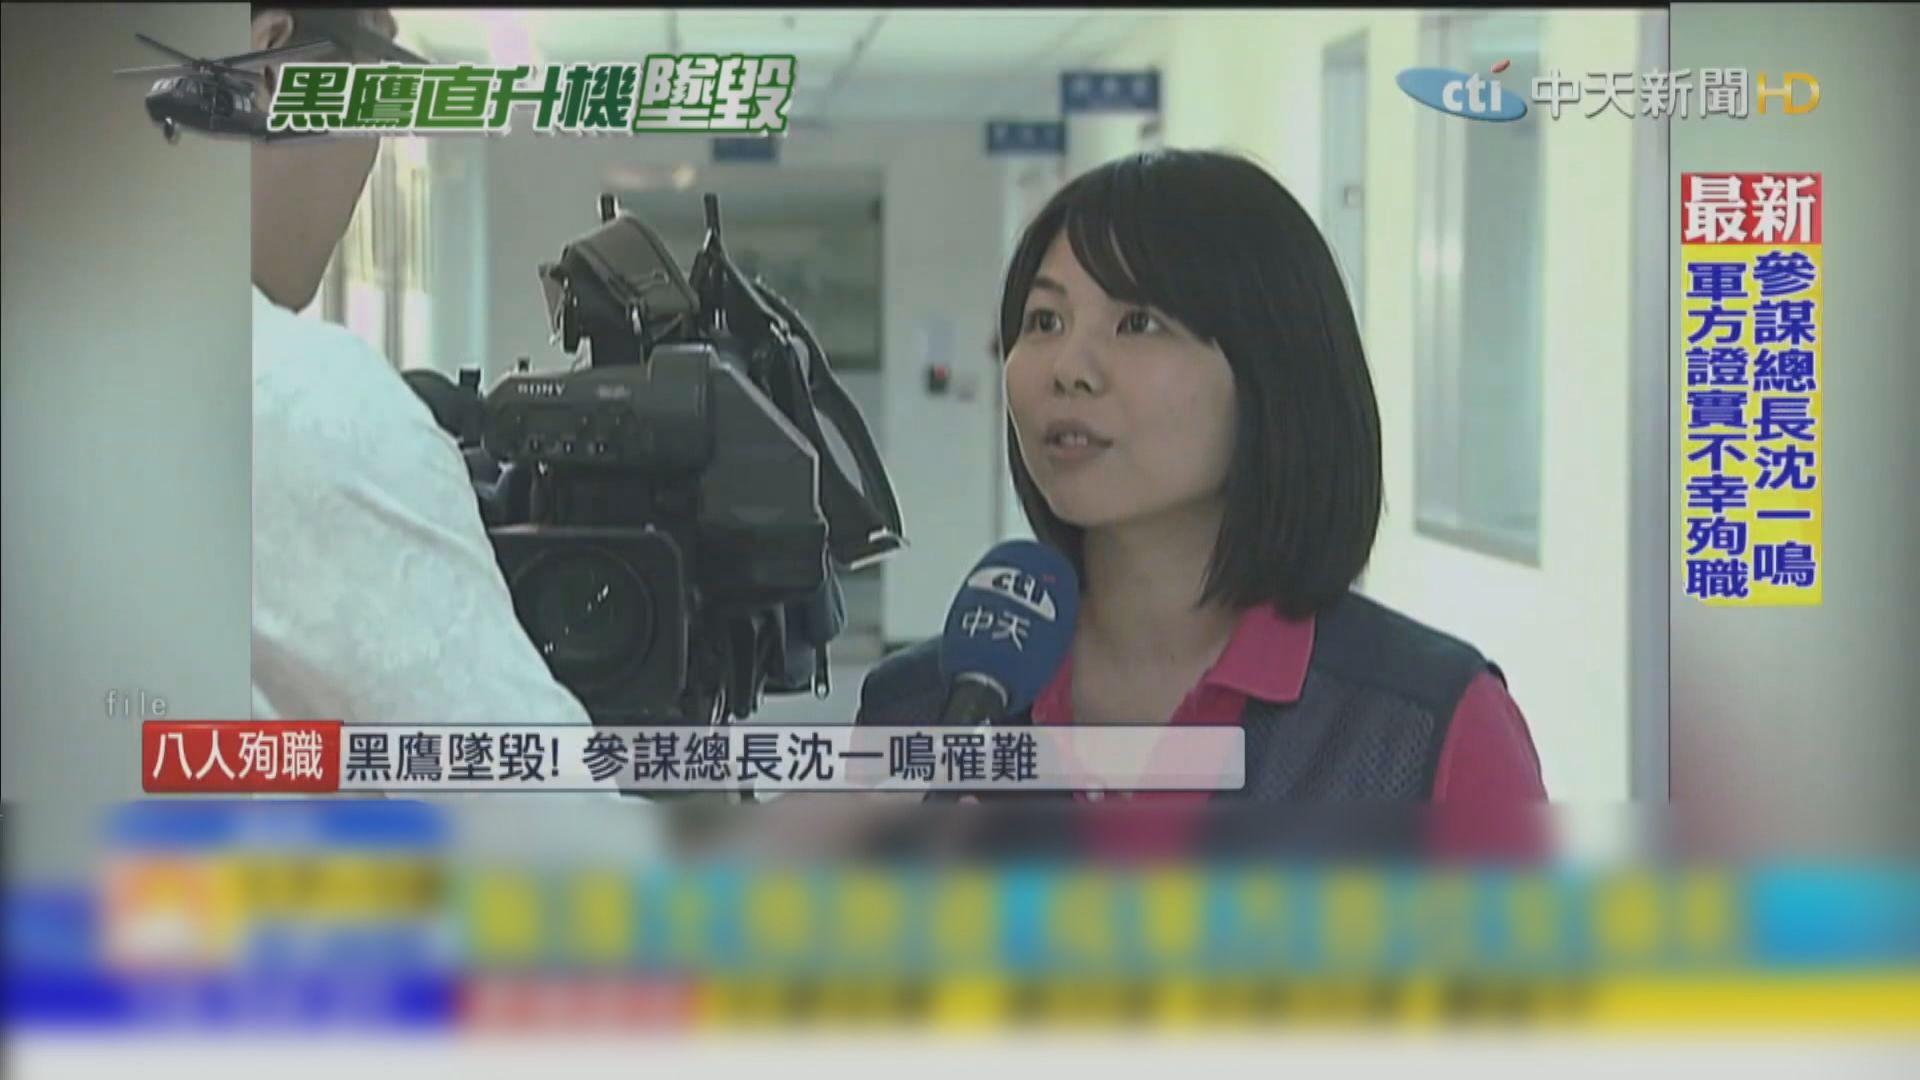 台軍直升機墜毀 靠軍聞社女記者定位獲救